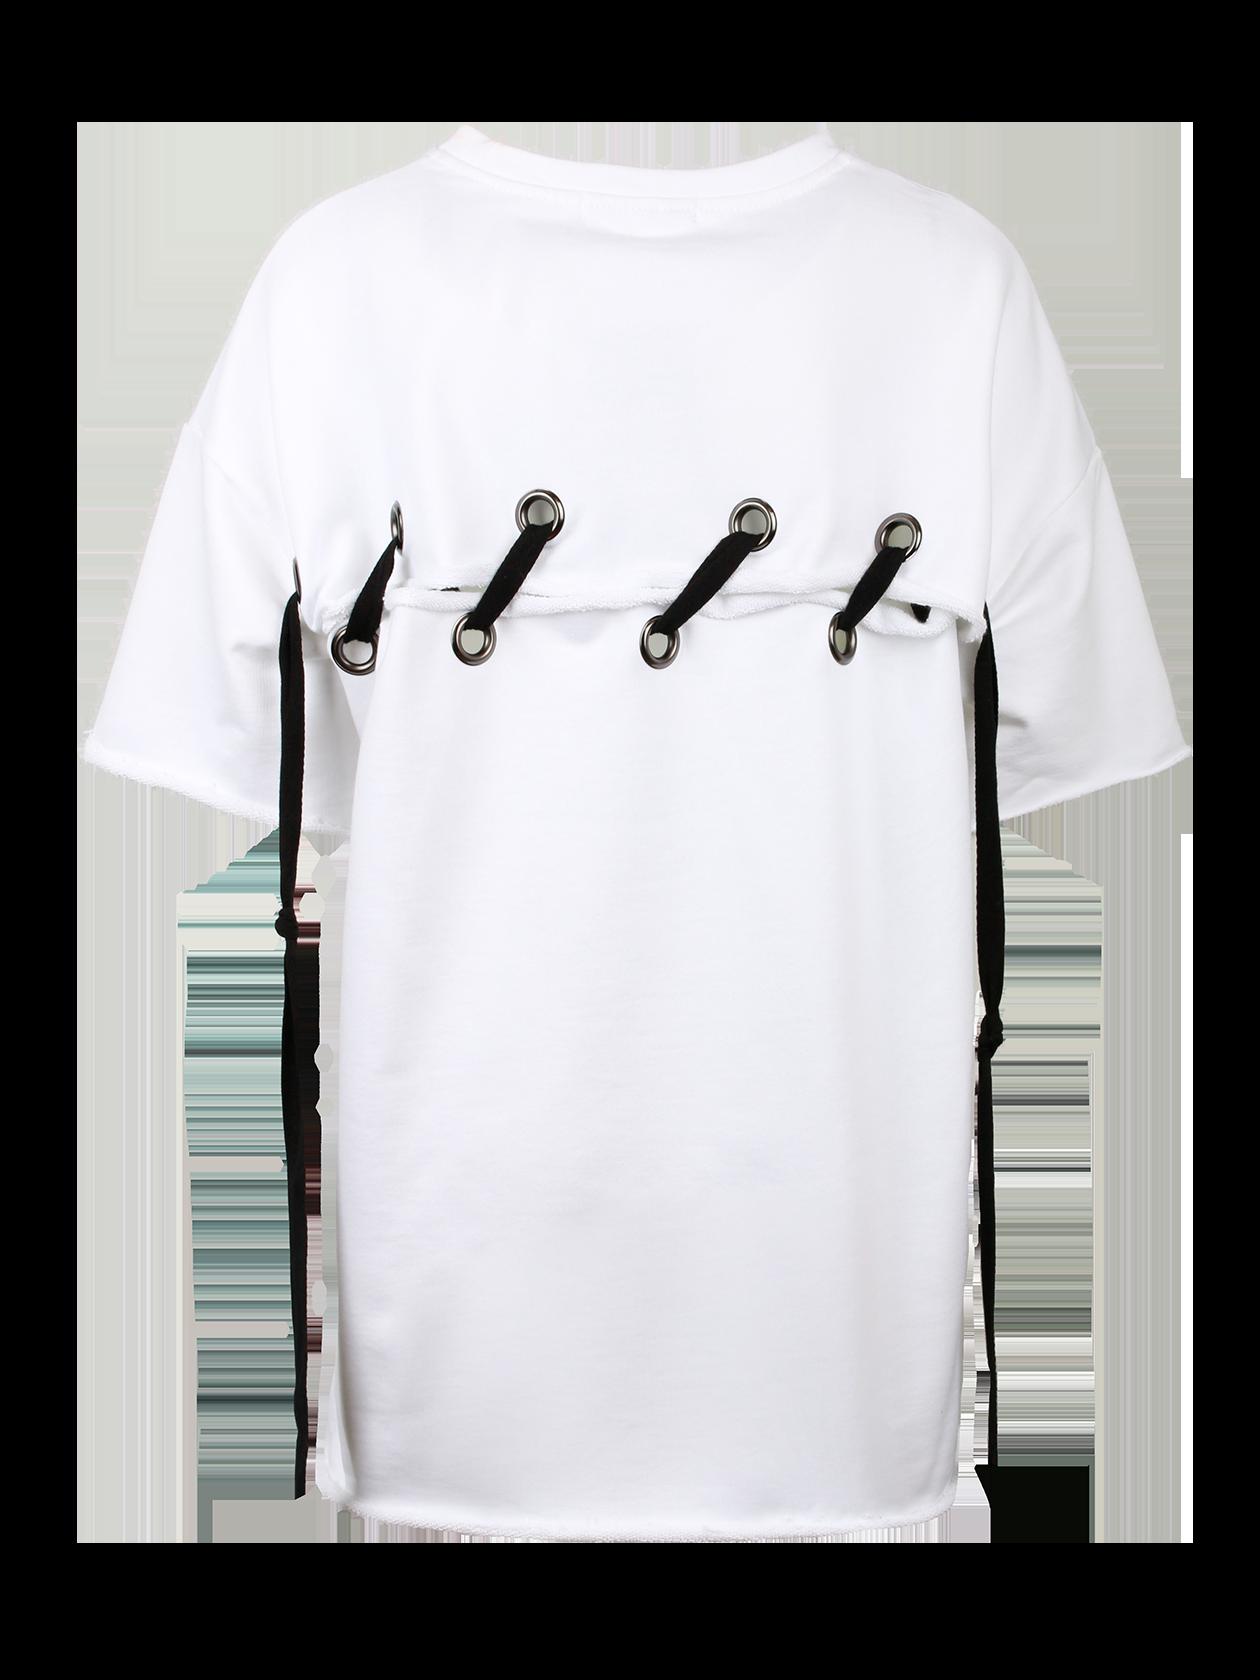 Платье женское HOT SUMMERЭффектное платье женское Hot Summer от бренда Black Star Wear поможет заметно выделиться из толпы. Cпущенная линия плеча переходит в широкий рукав длиной до локтя. Крой изделия прямой с оптимальной свободой прилегания. Горловина среднего размера глубины содержит жаккардовую нашивку Black Star Wear. Необычная фишка вещи – спина, состоящая из двух частей, соединенных между собой крупной черной шнуровкой. Платье изготовлено из премиального хлопка, представлено в бледно-розовой и белой расцветке.<br><br>Размер: M<br>Цвет: Белый<br>Пол: Женский